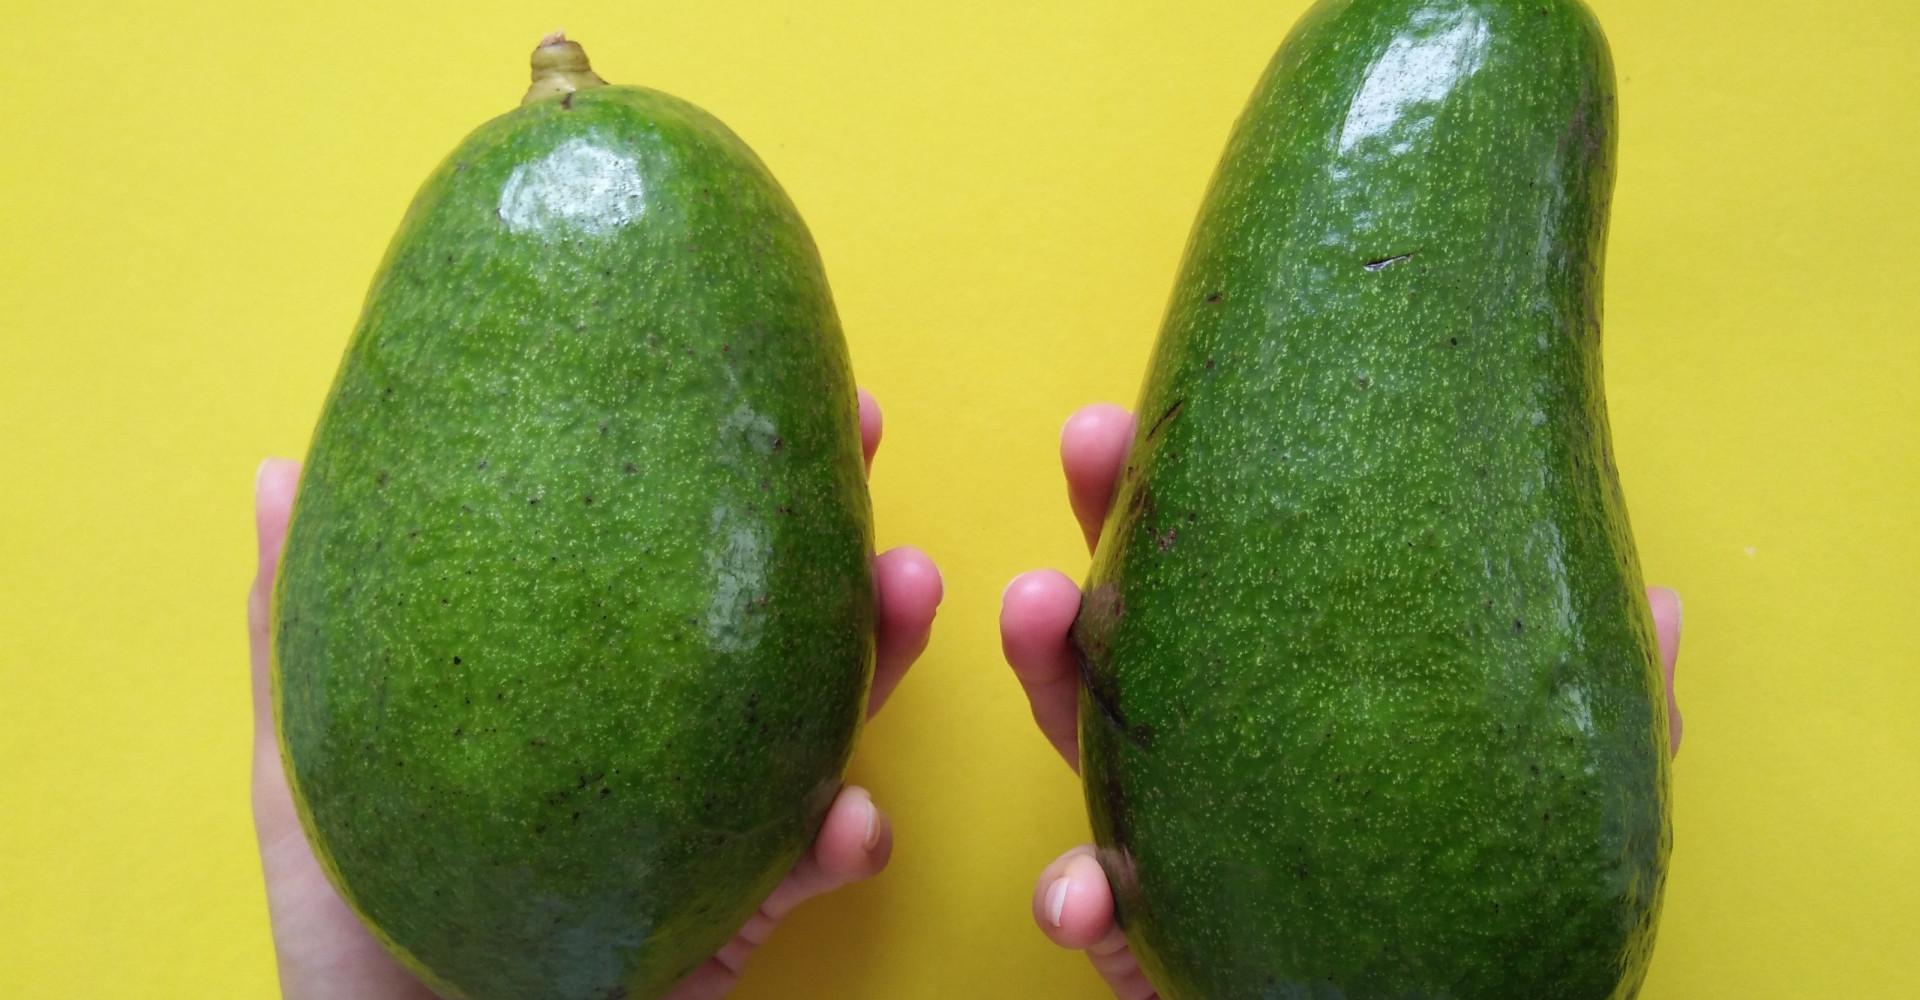 Er groeien avocado's zo groot als je hoofd in Australië